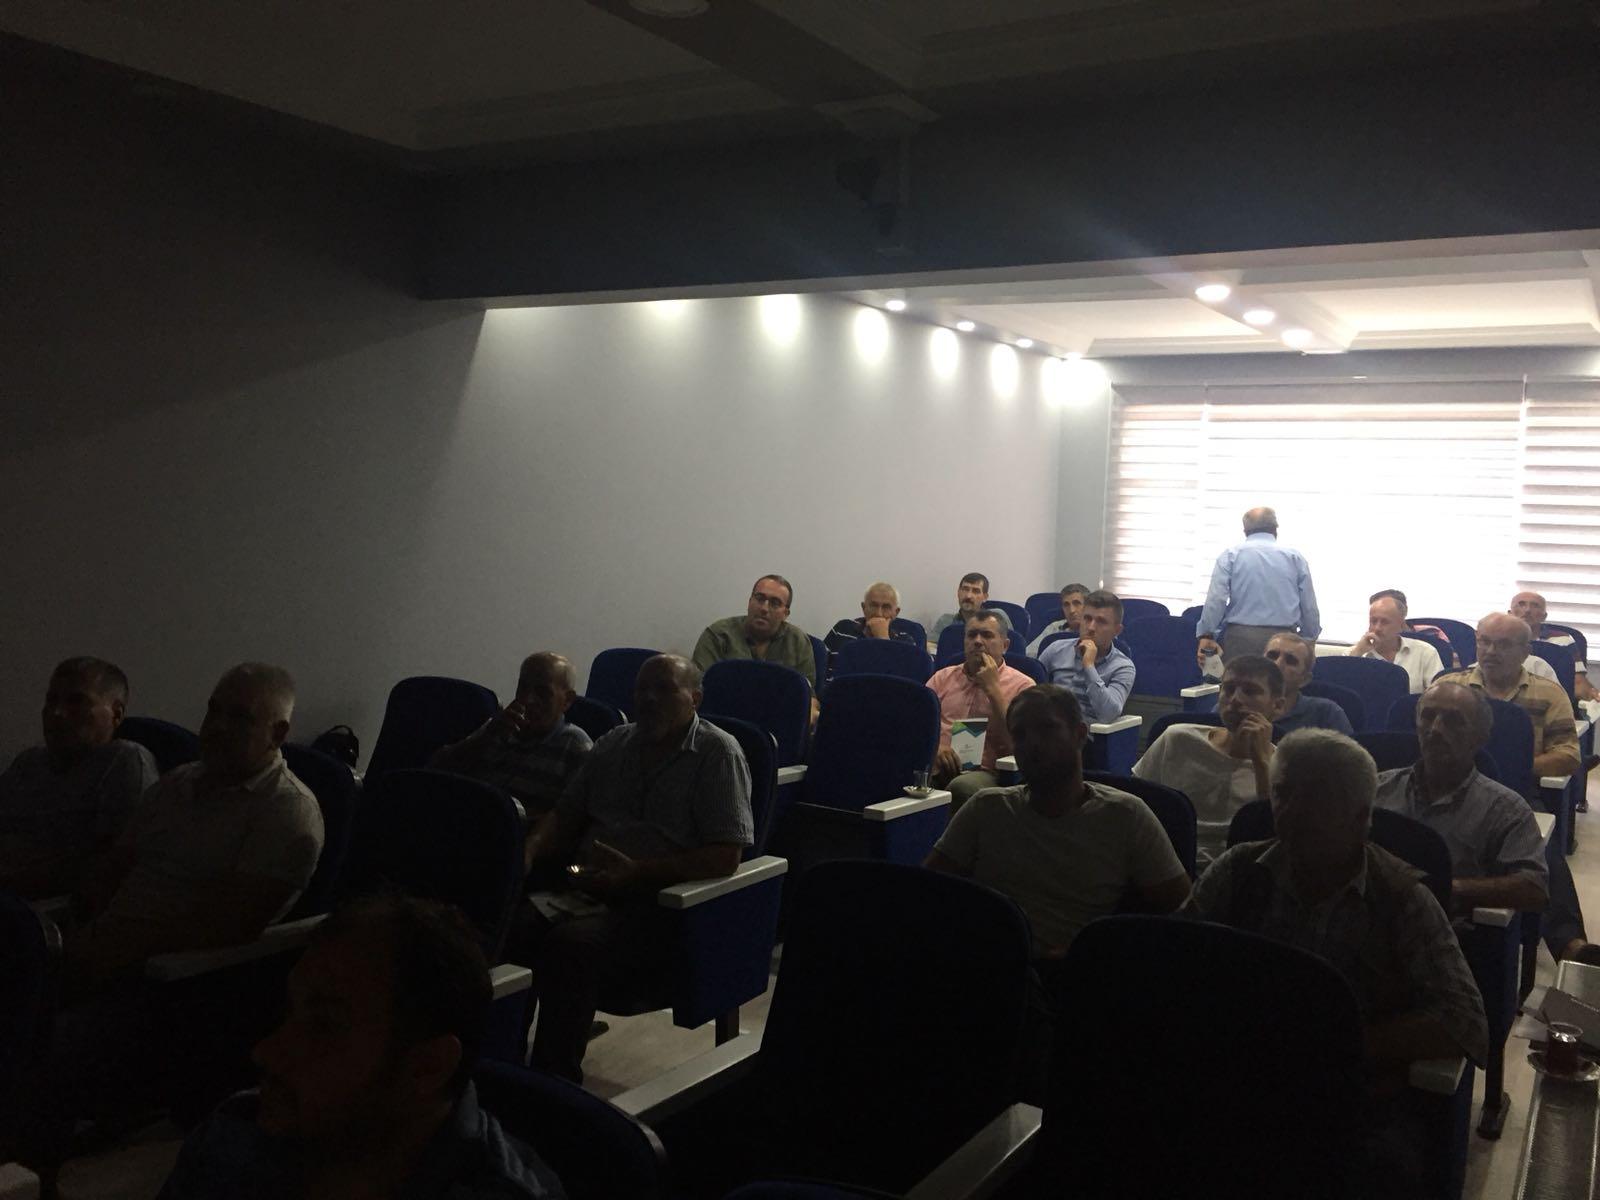 İmar Barışı Ahmetbey Bilgilendirme Toplantısı İl Müdürlüğümüz Personelince Gerçekleştirilmiştir.